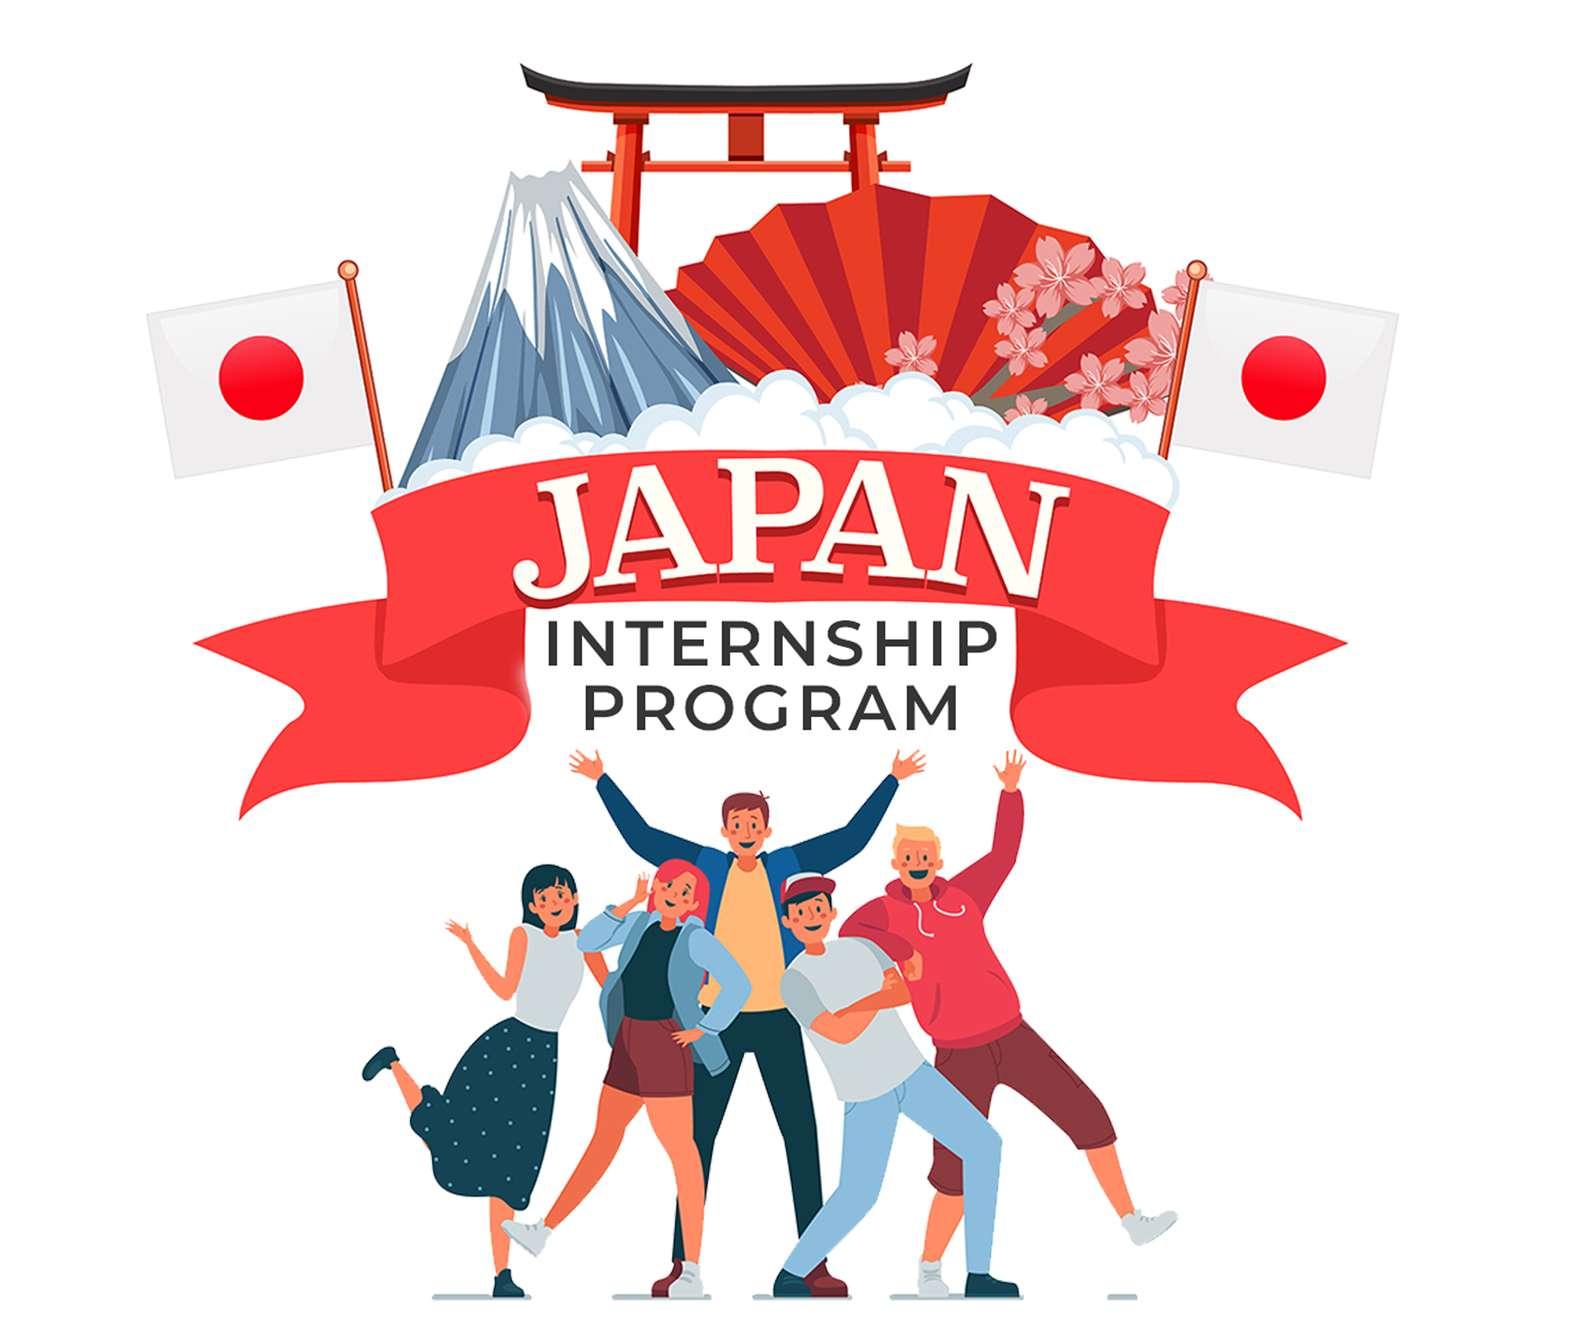 Bạn có biết về chương trình Internship Nhật Bản hay không?